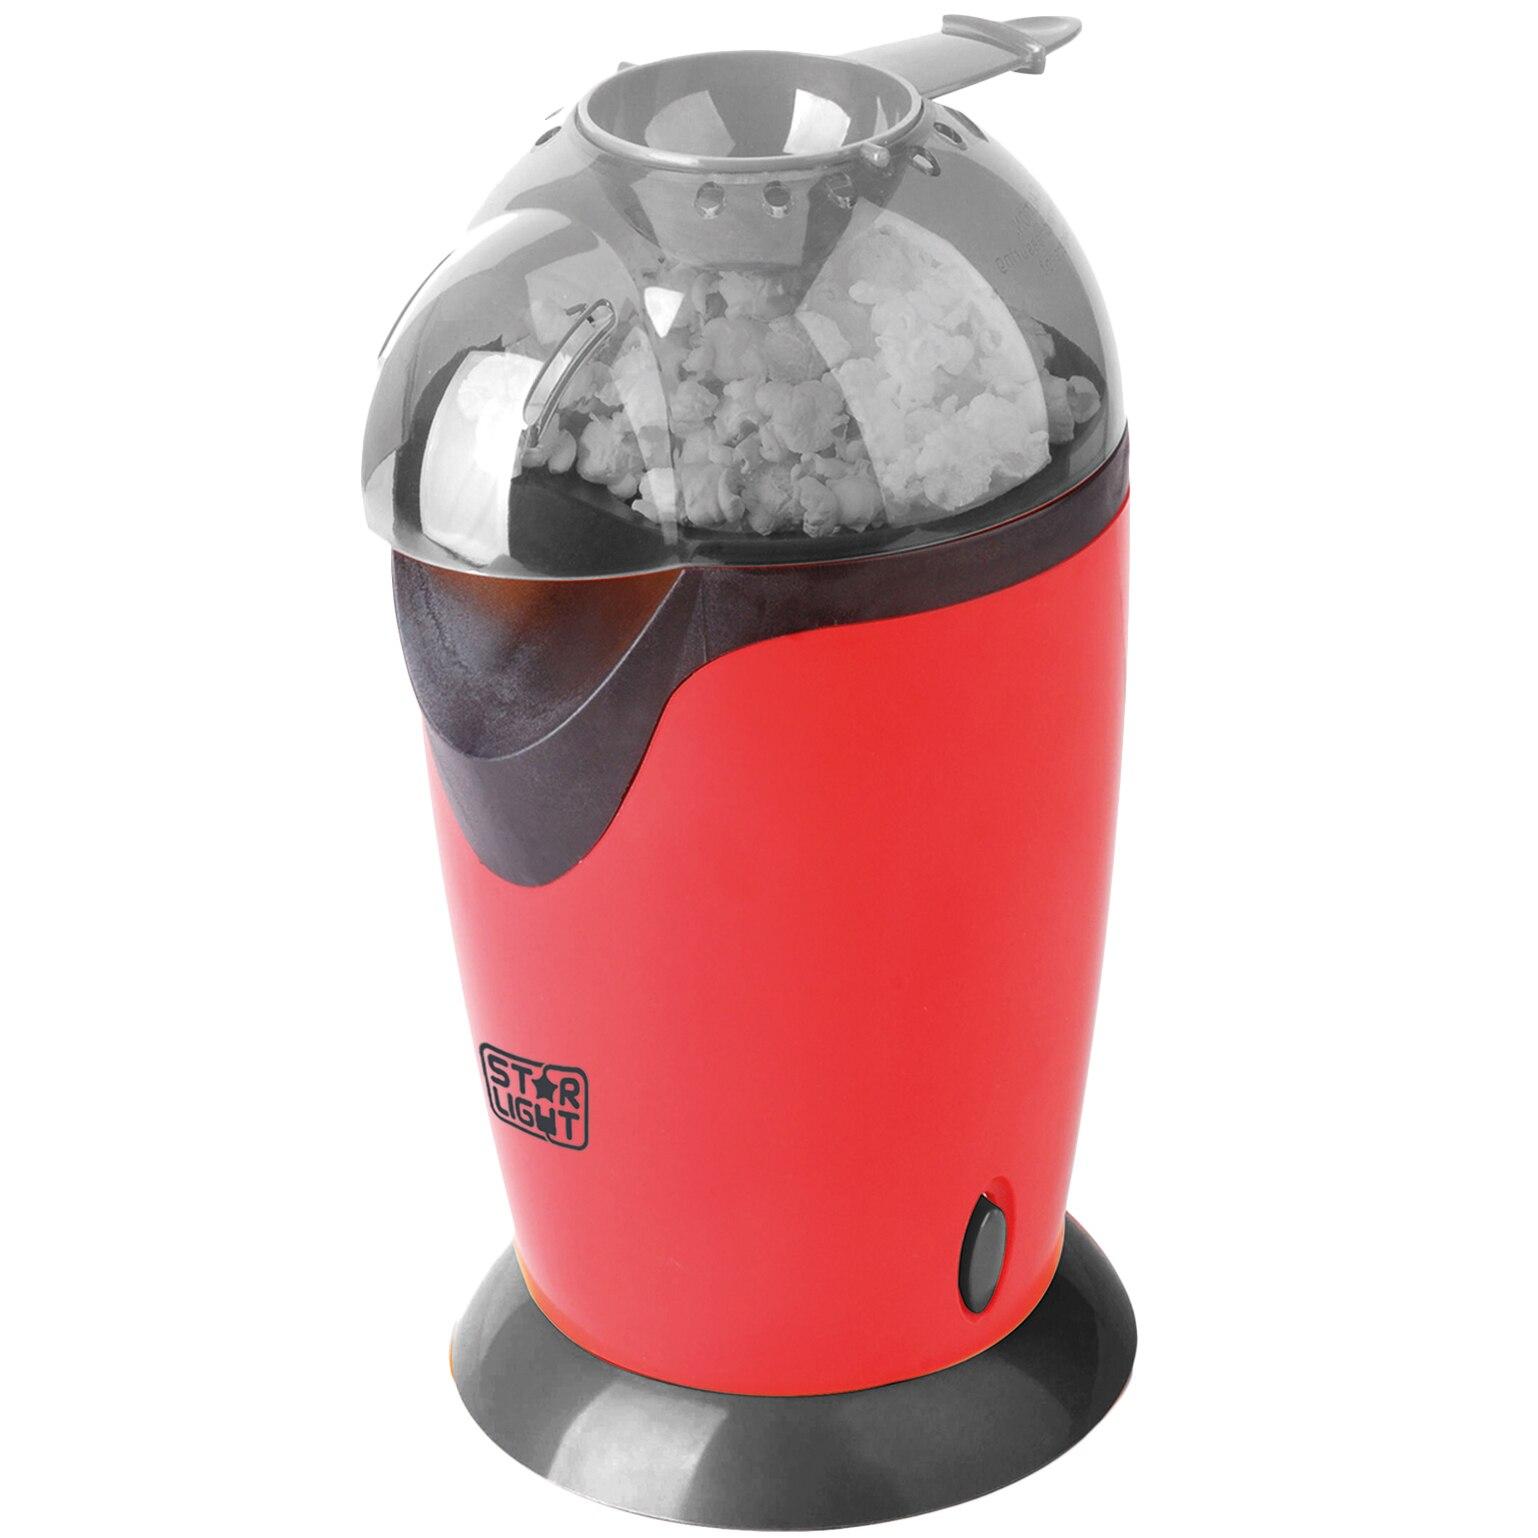 Fotografie Aparat de facut popcorn Star-Light PM-1200R, 1200W, tehnologie cu aer cald, timp de preparare max. 3 min, pahar dozator boabe, Rosu